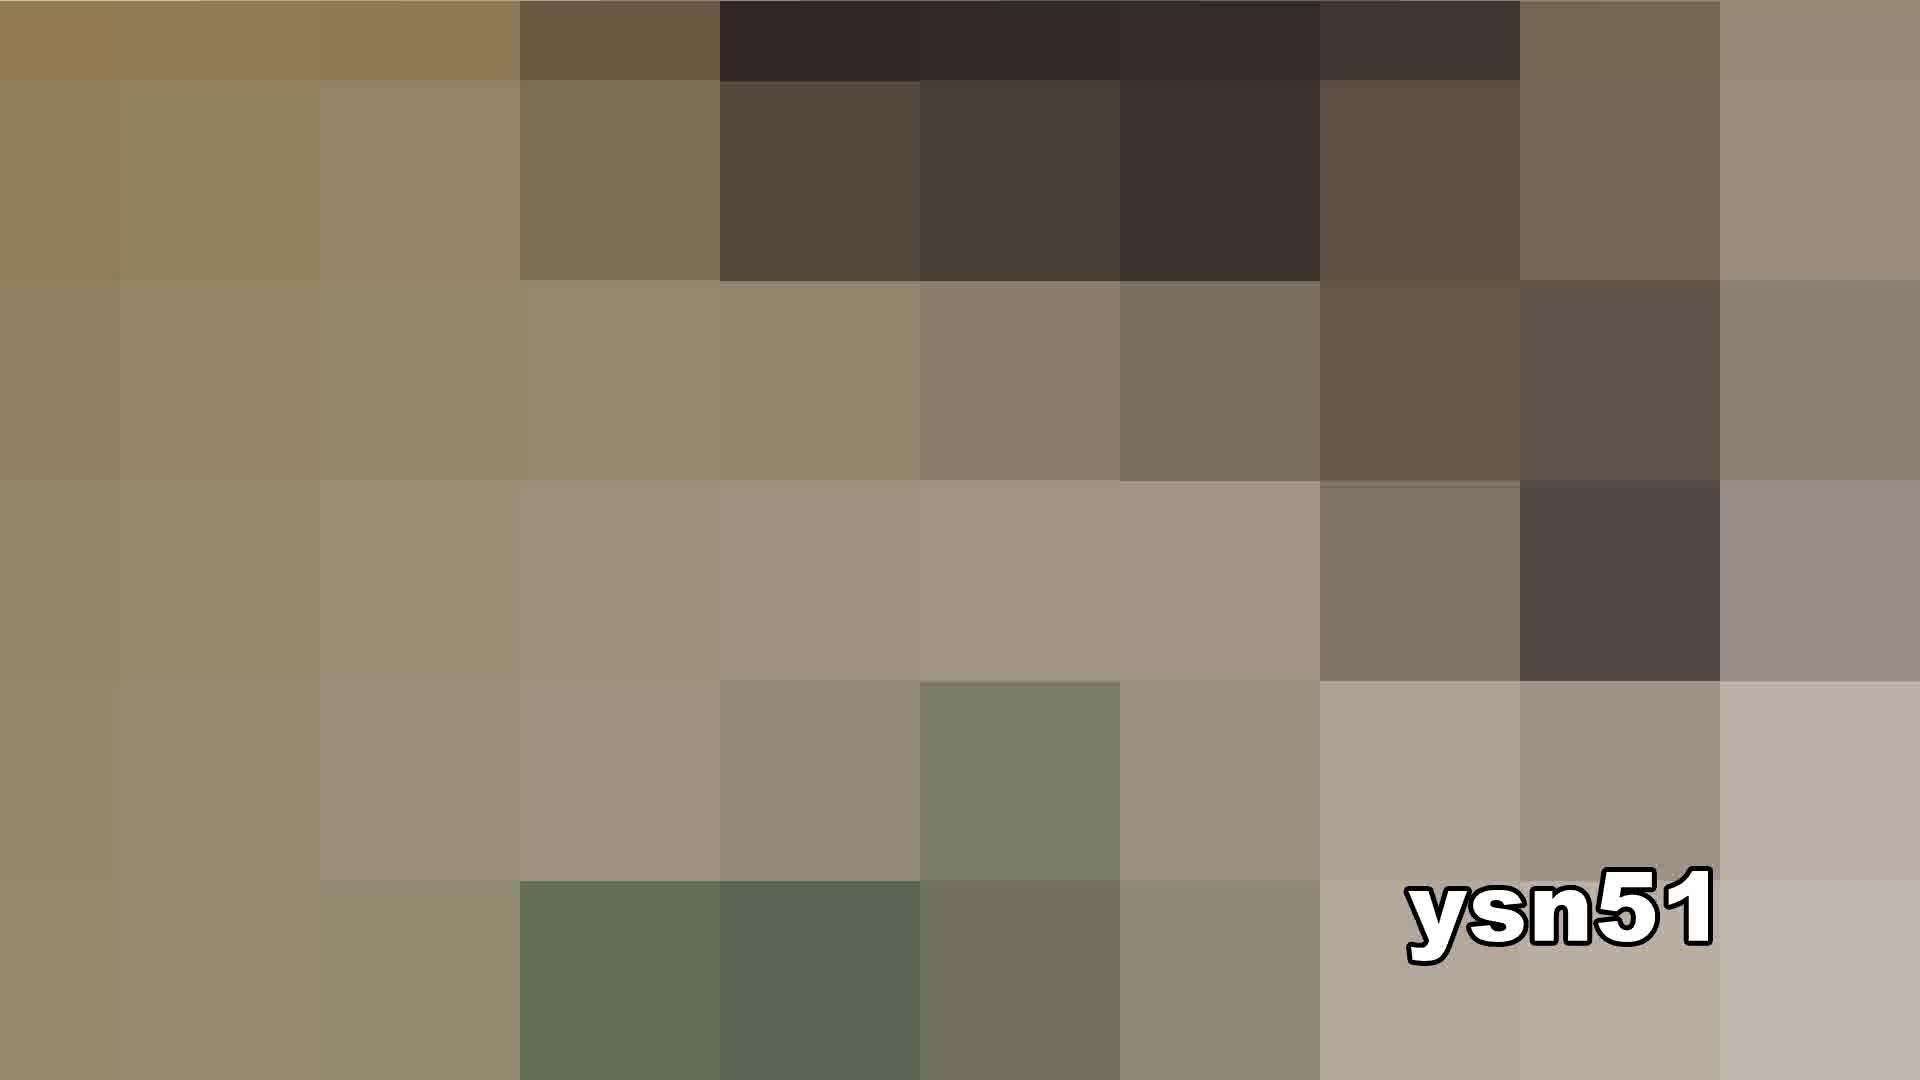 世界の射窓から vol.51 ゴージャスな… ギャル達 AV無料動画キャプチャ 109枚 67